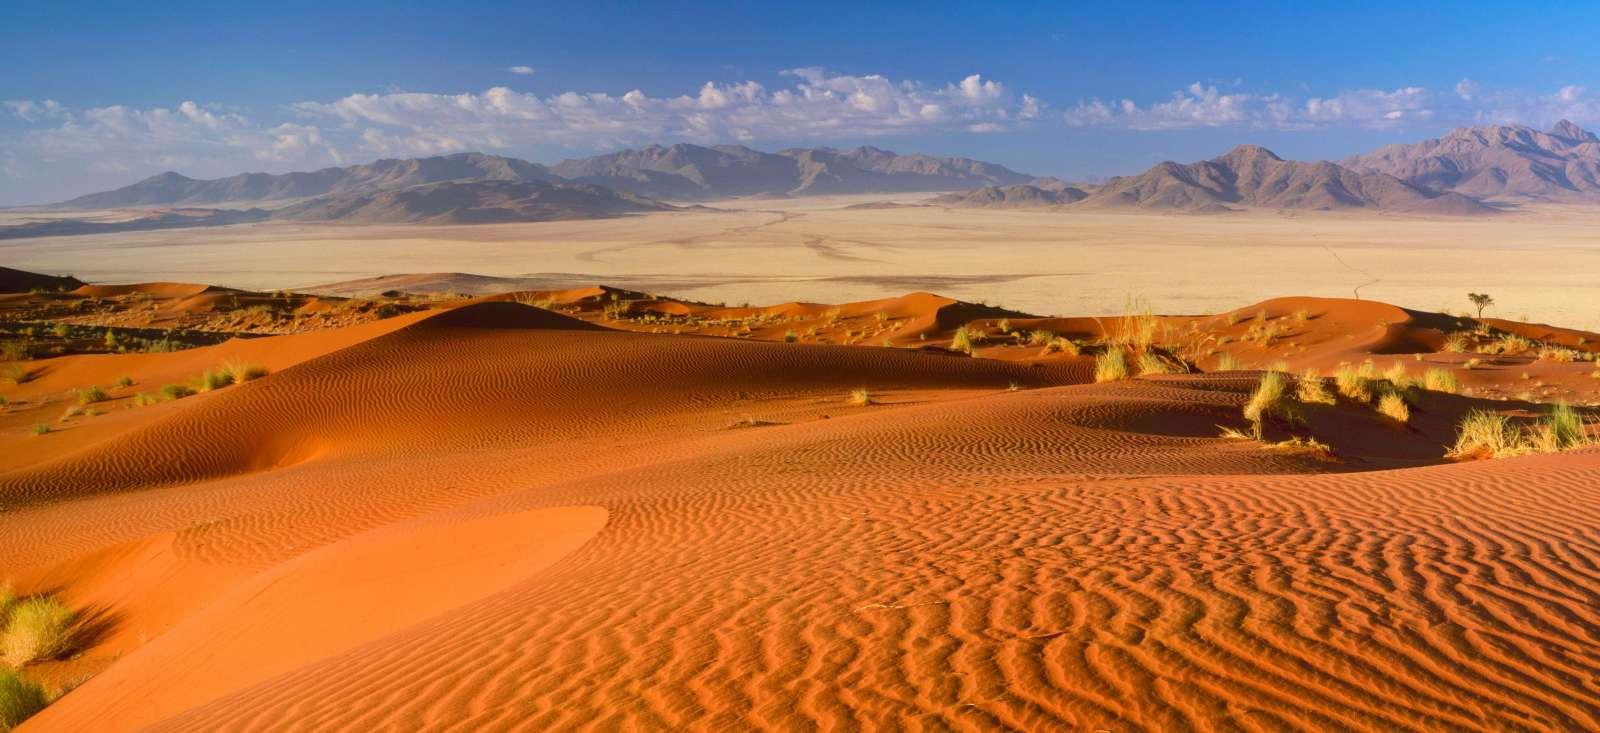 Voyage à pied Namibie : Expédition en Afrique australe